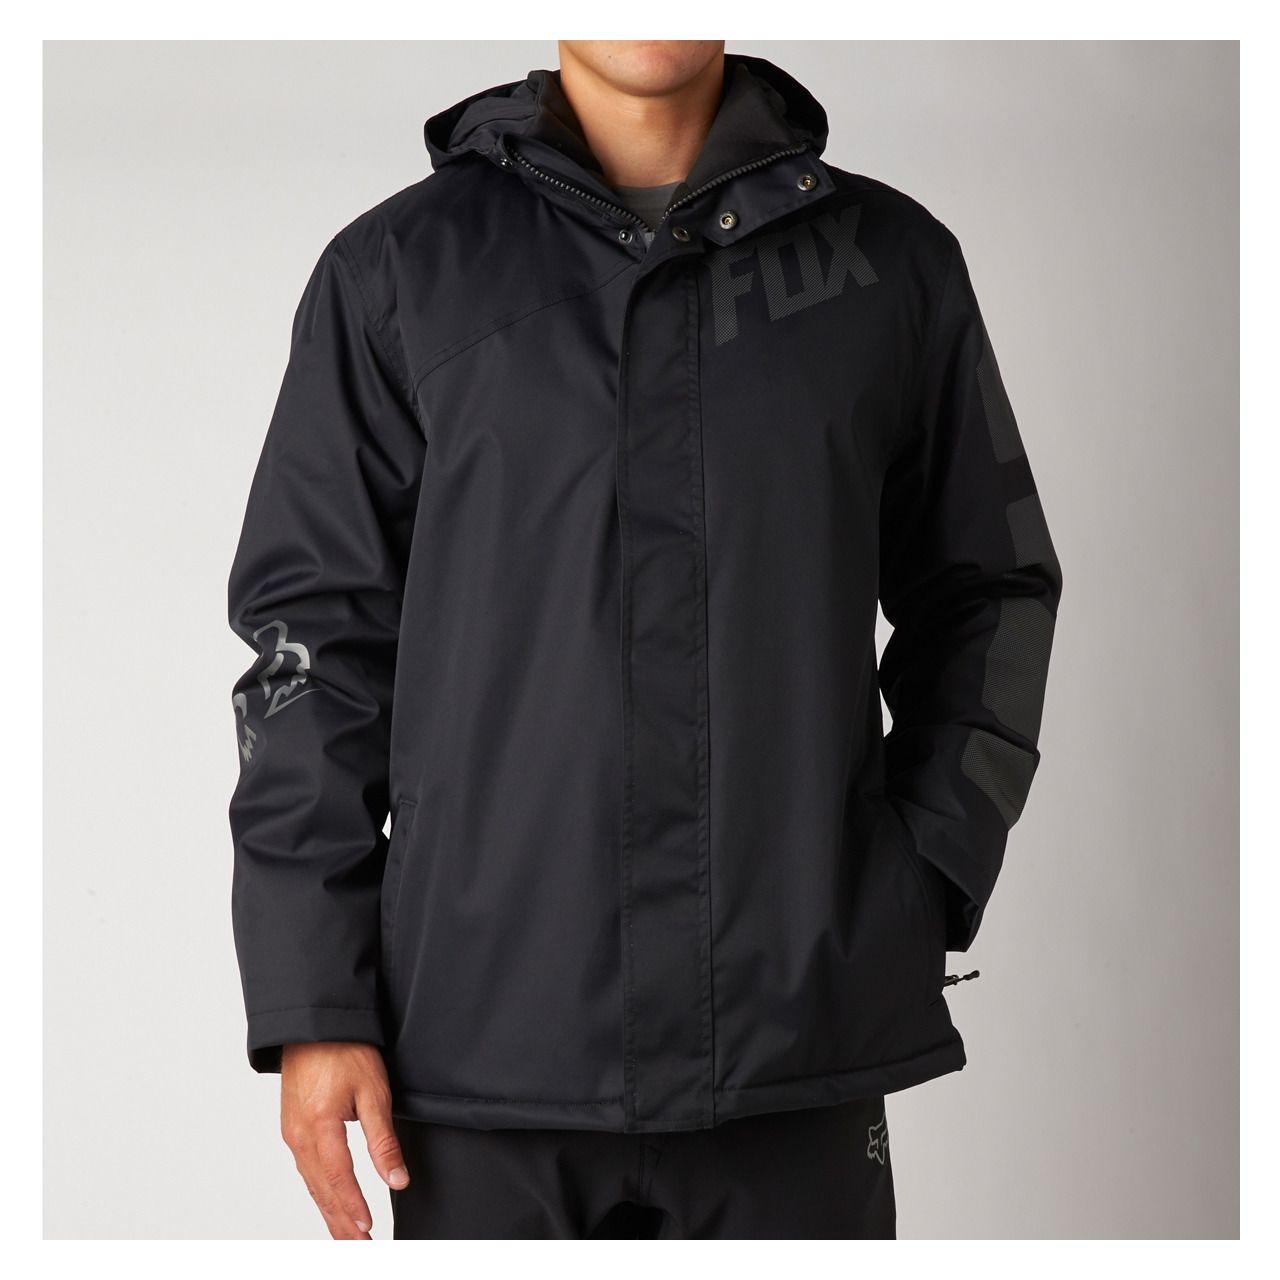 Fox racing leather jacket